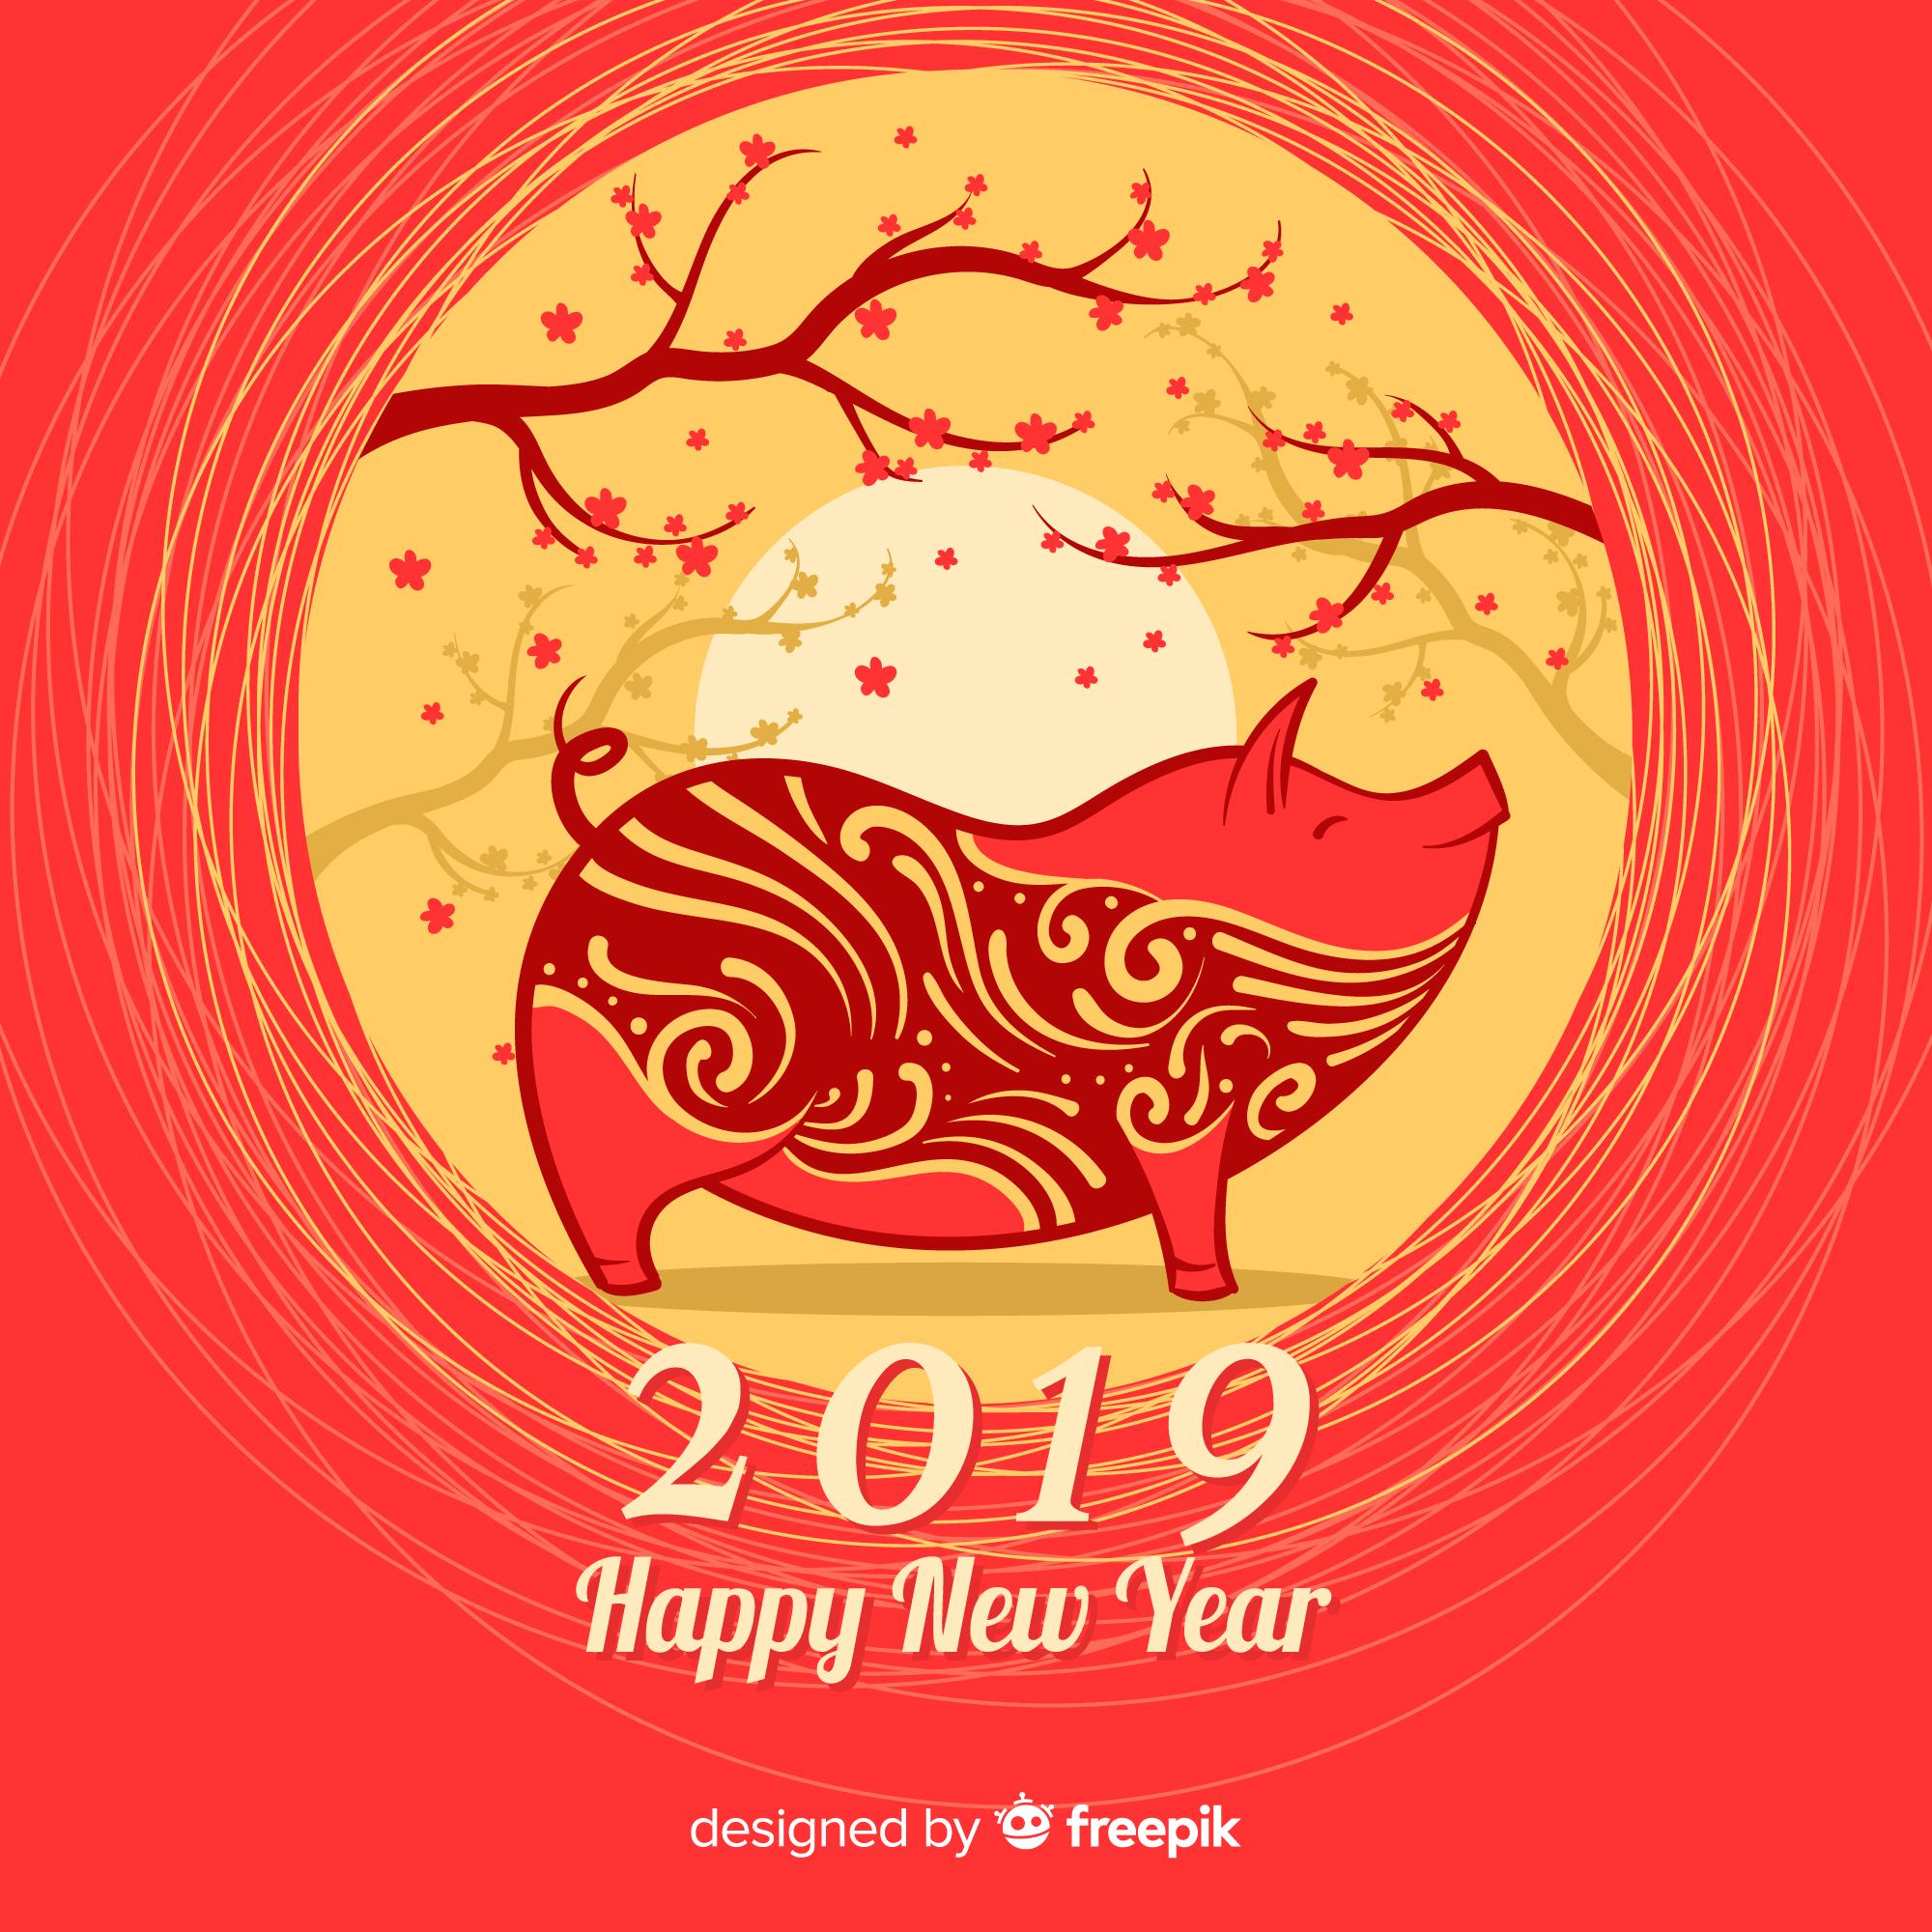 猪年(己亥年)矢量创意图形矢量素材模板 Pig Year (Hai Haiian) Vector Creative Graphic Vector Material Template [EPS]插图